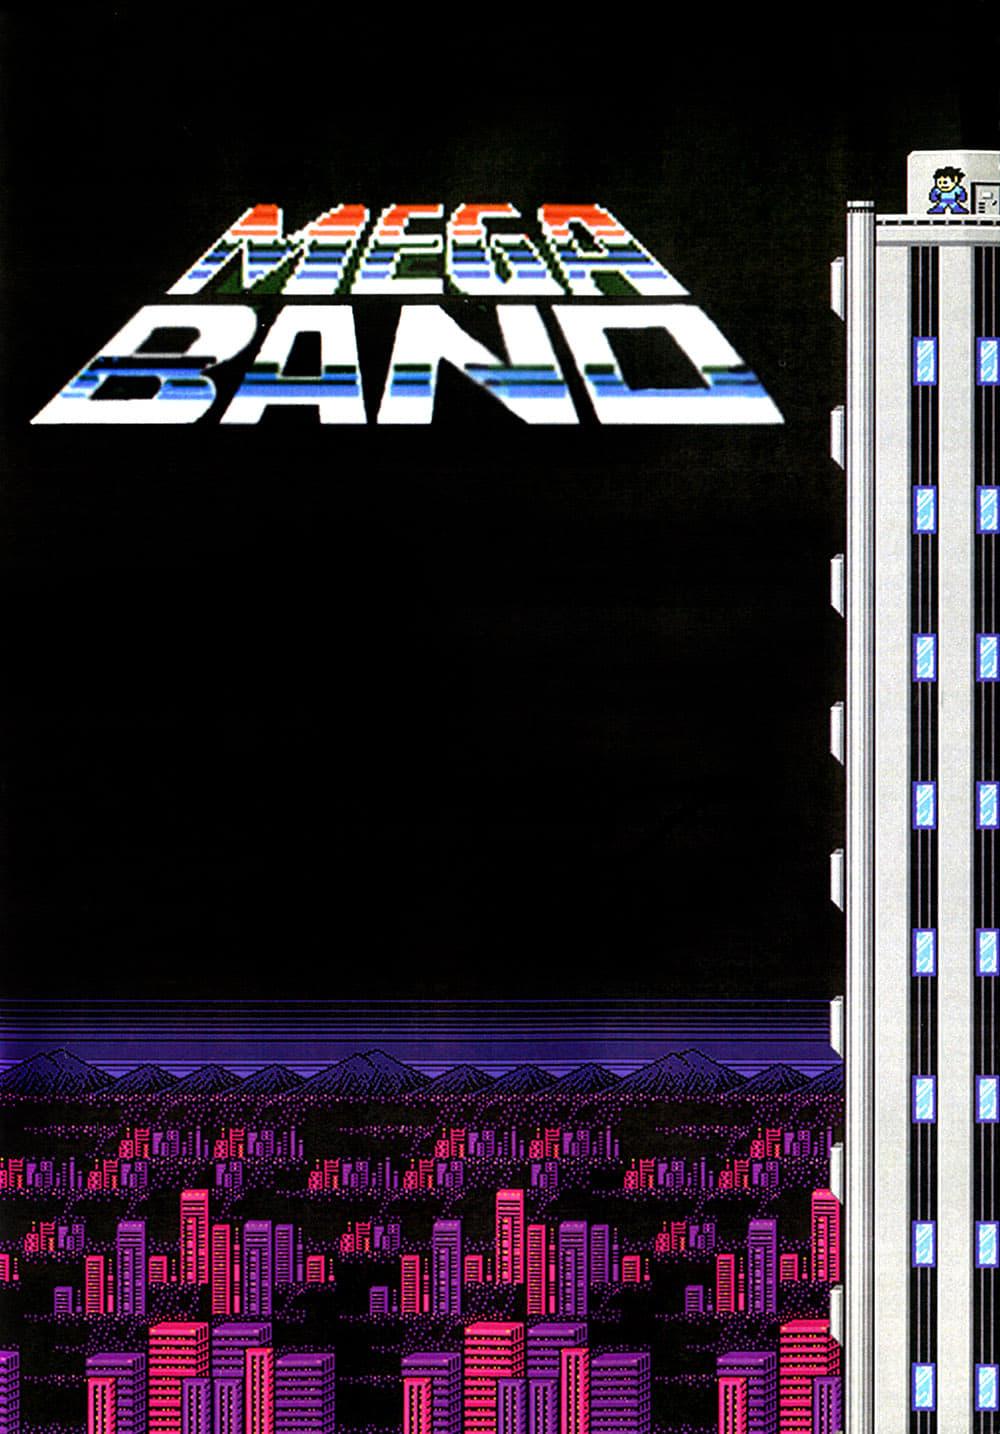 Mega Band (2006)